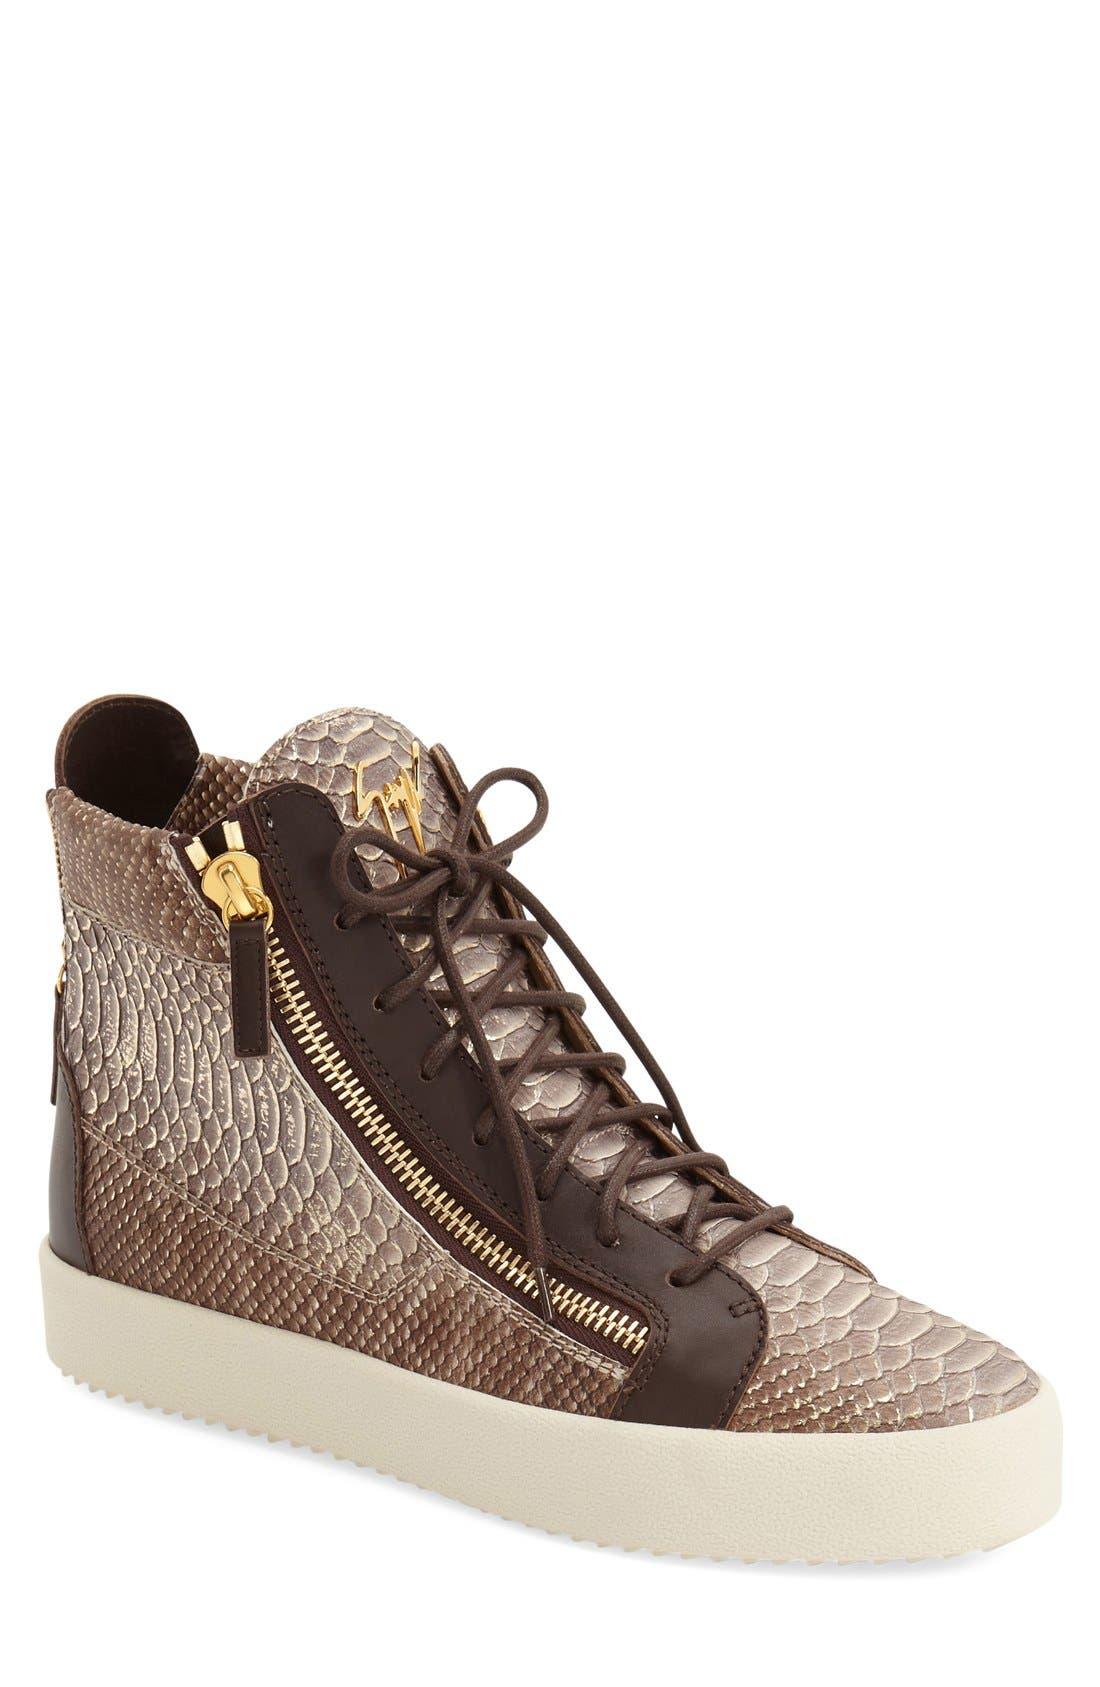 GIUSEPPE ZANOTTI Embossed High Top Sneaker